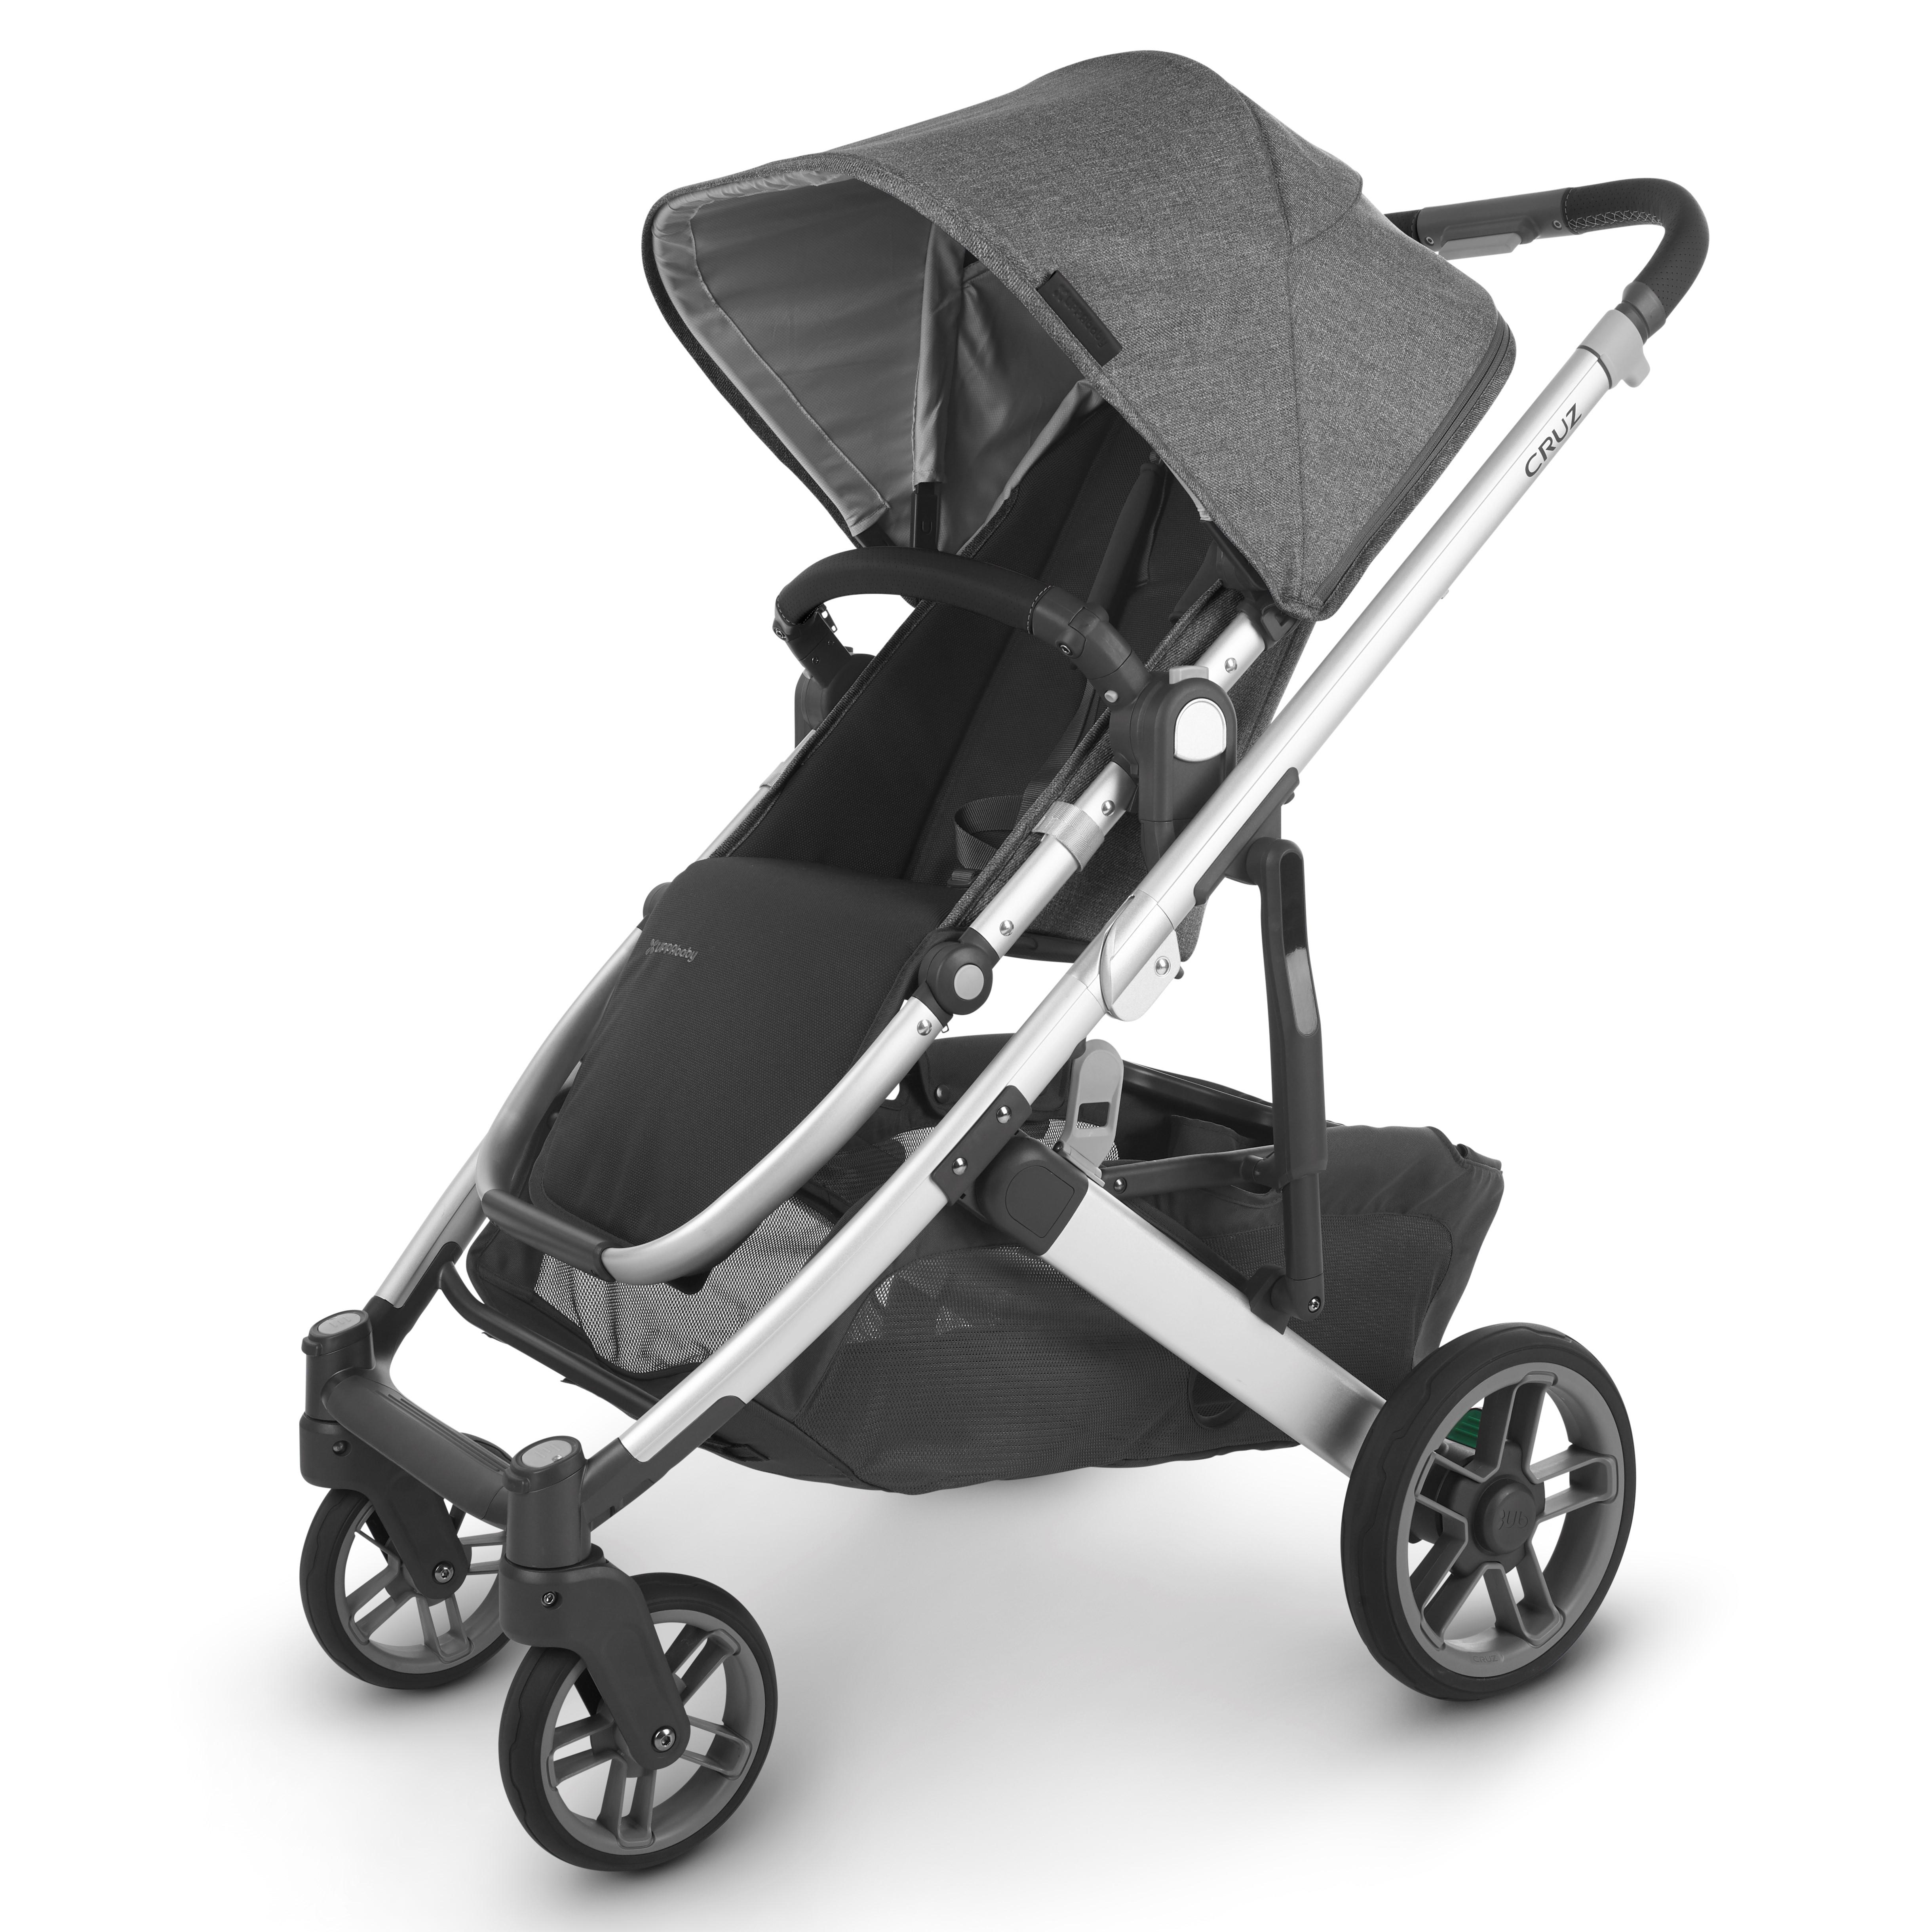 NEW! 2020 UPPAbaby Cruz V2 Stroller in